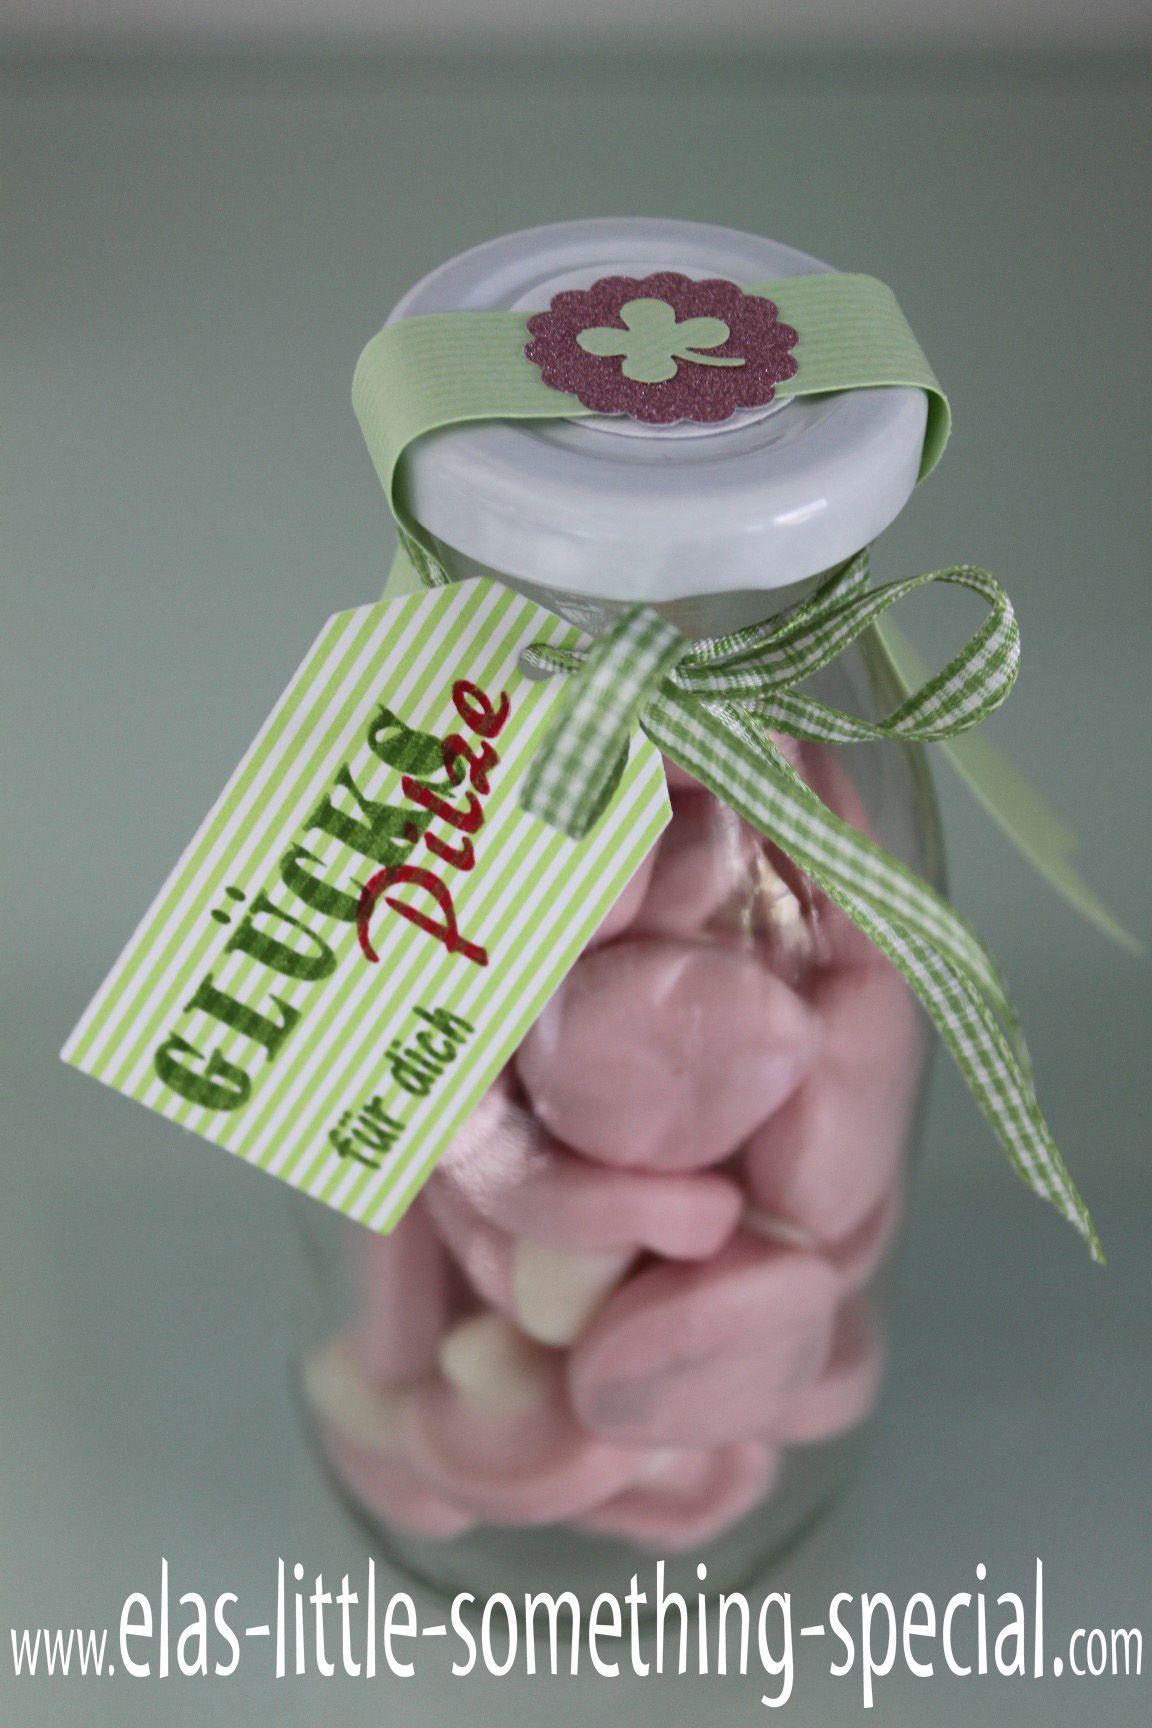 Glückspilze im Glas SilvesterNeujahrDiy GeschenkeVerschenkenGastgeschenkeKleinigkeitenKleine GeschenkeSelbstgemachtesTaufe